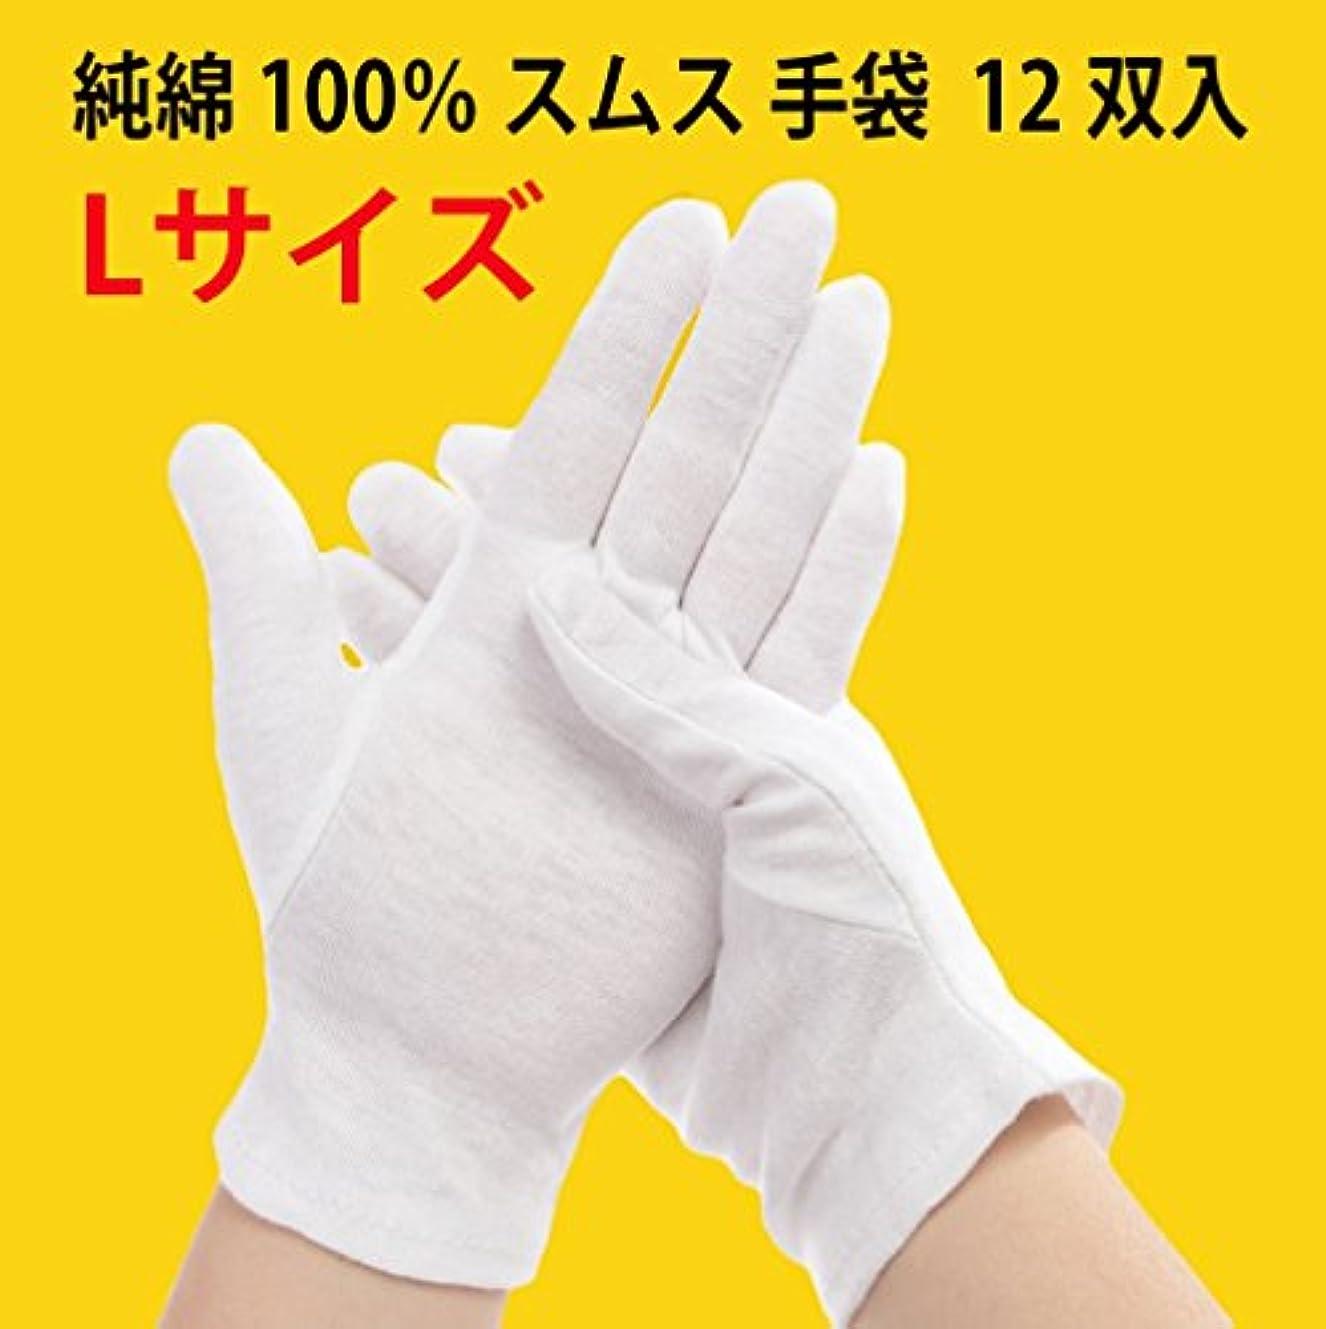 純綿100% スムス 手袋 Lサイズ 12双 大人用 多用途 101117